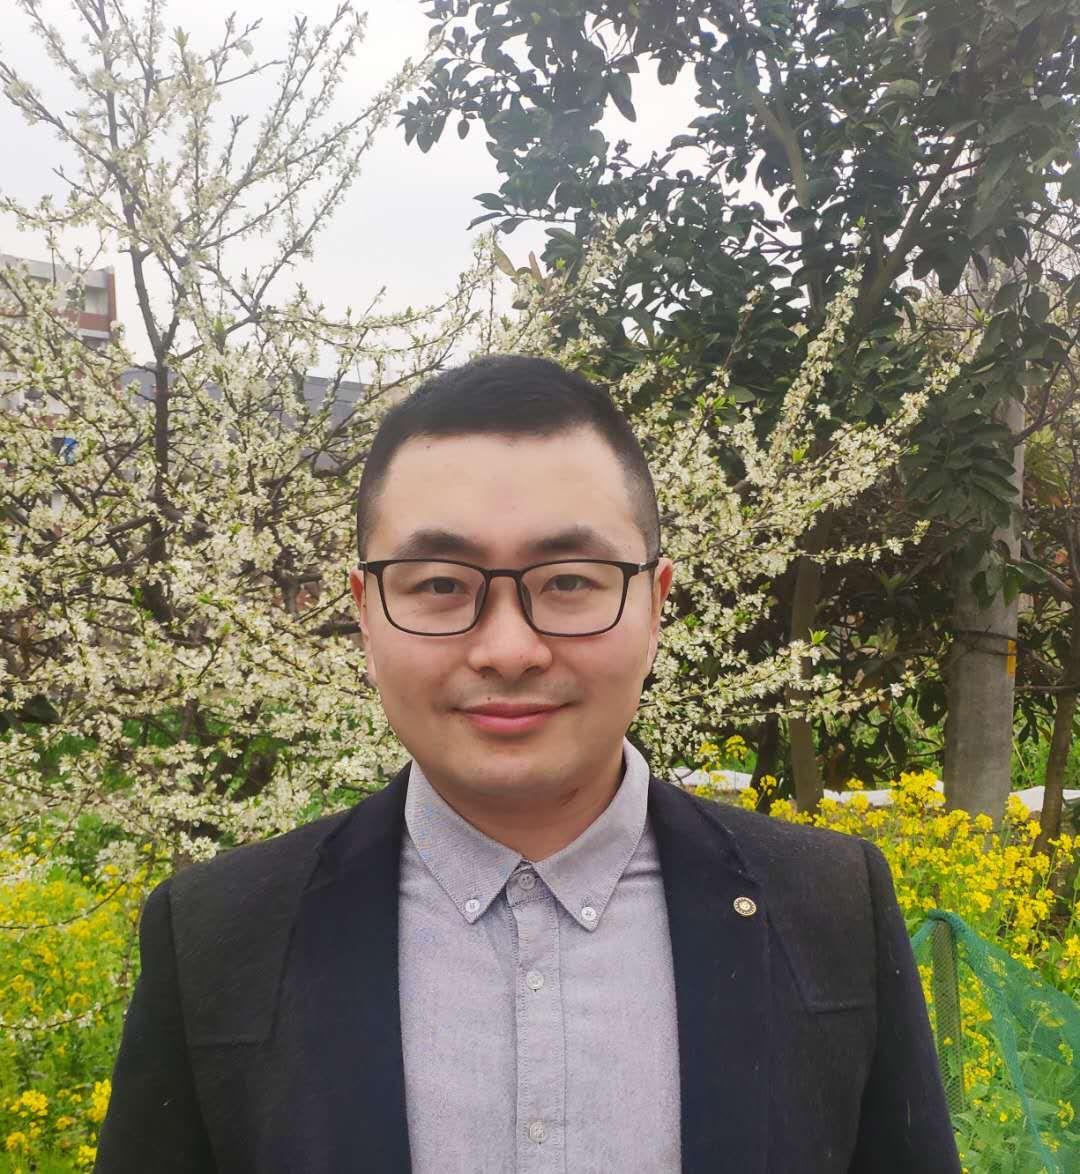 支波文 11级商务管理专业 杭州易顺物流有限公司 法人代表.jpg